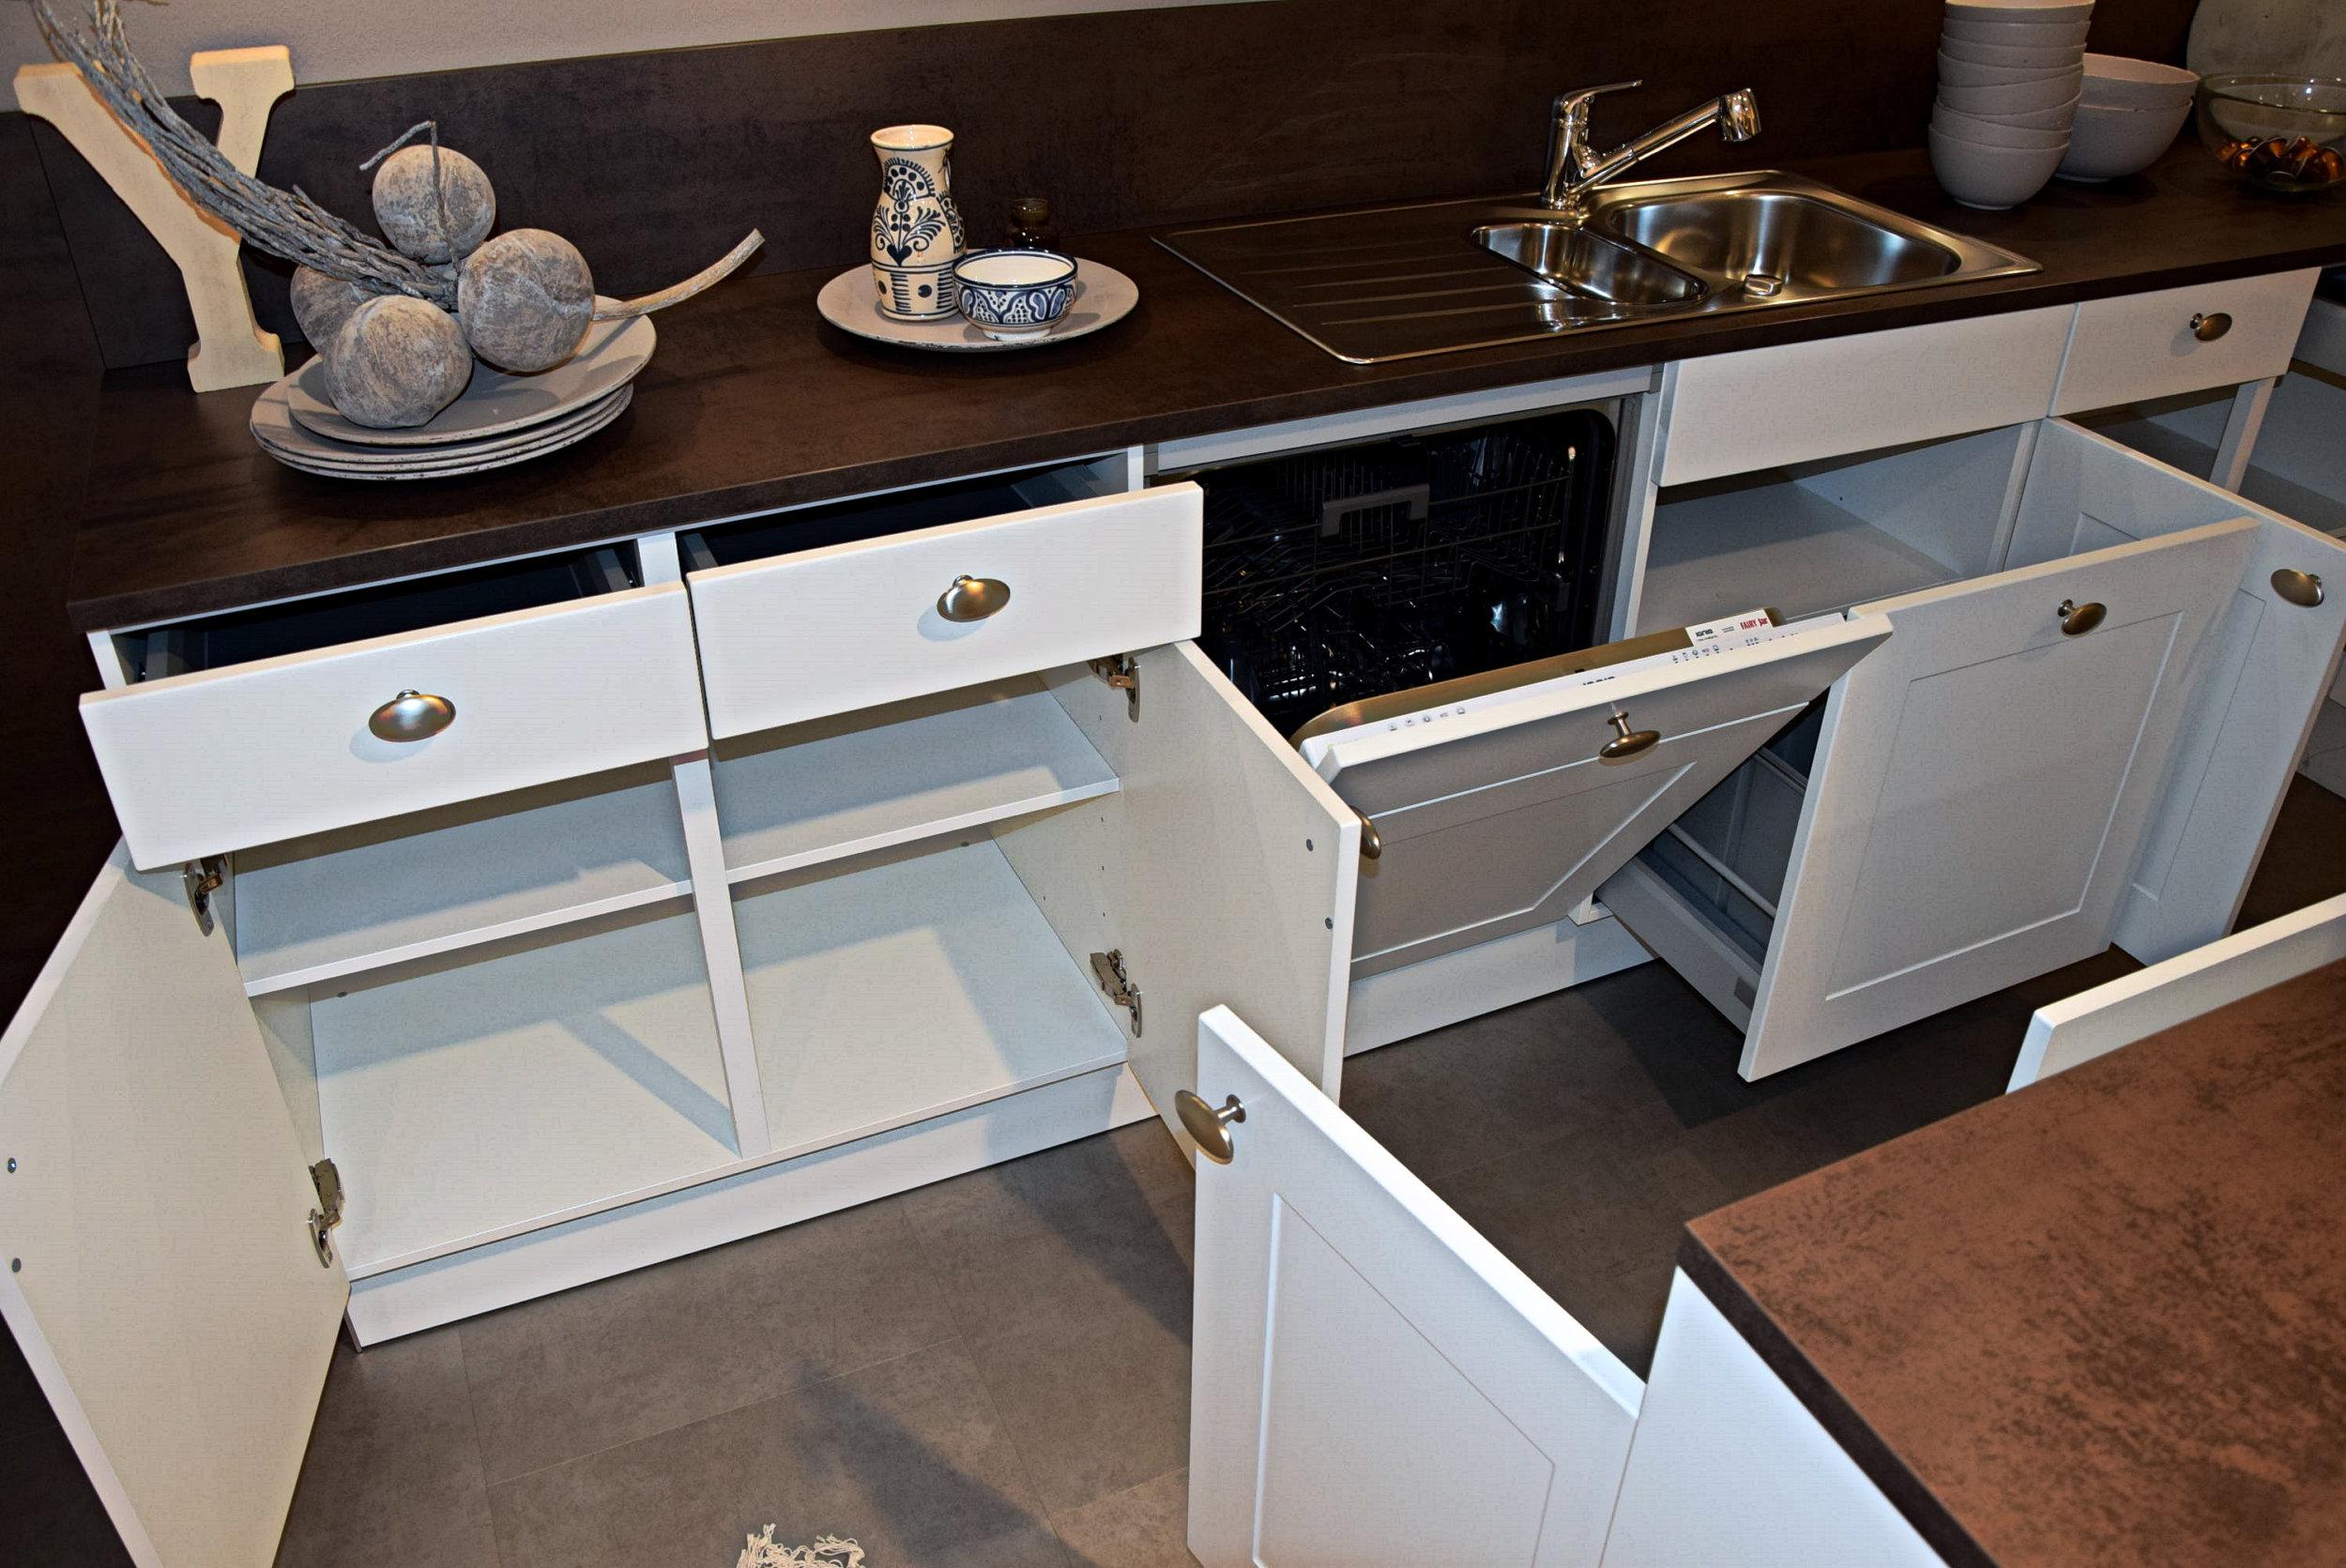 Full Size of Nolte Küchen Ersatzteile Kche Montage Bauelemente Küche Schlafzimmer Regal Betten Velux Fenster Wohnzimmer Nolte Küchen Ersatzteile